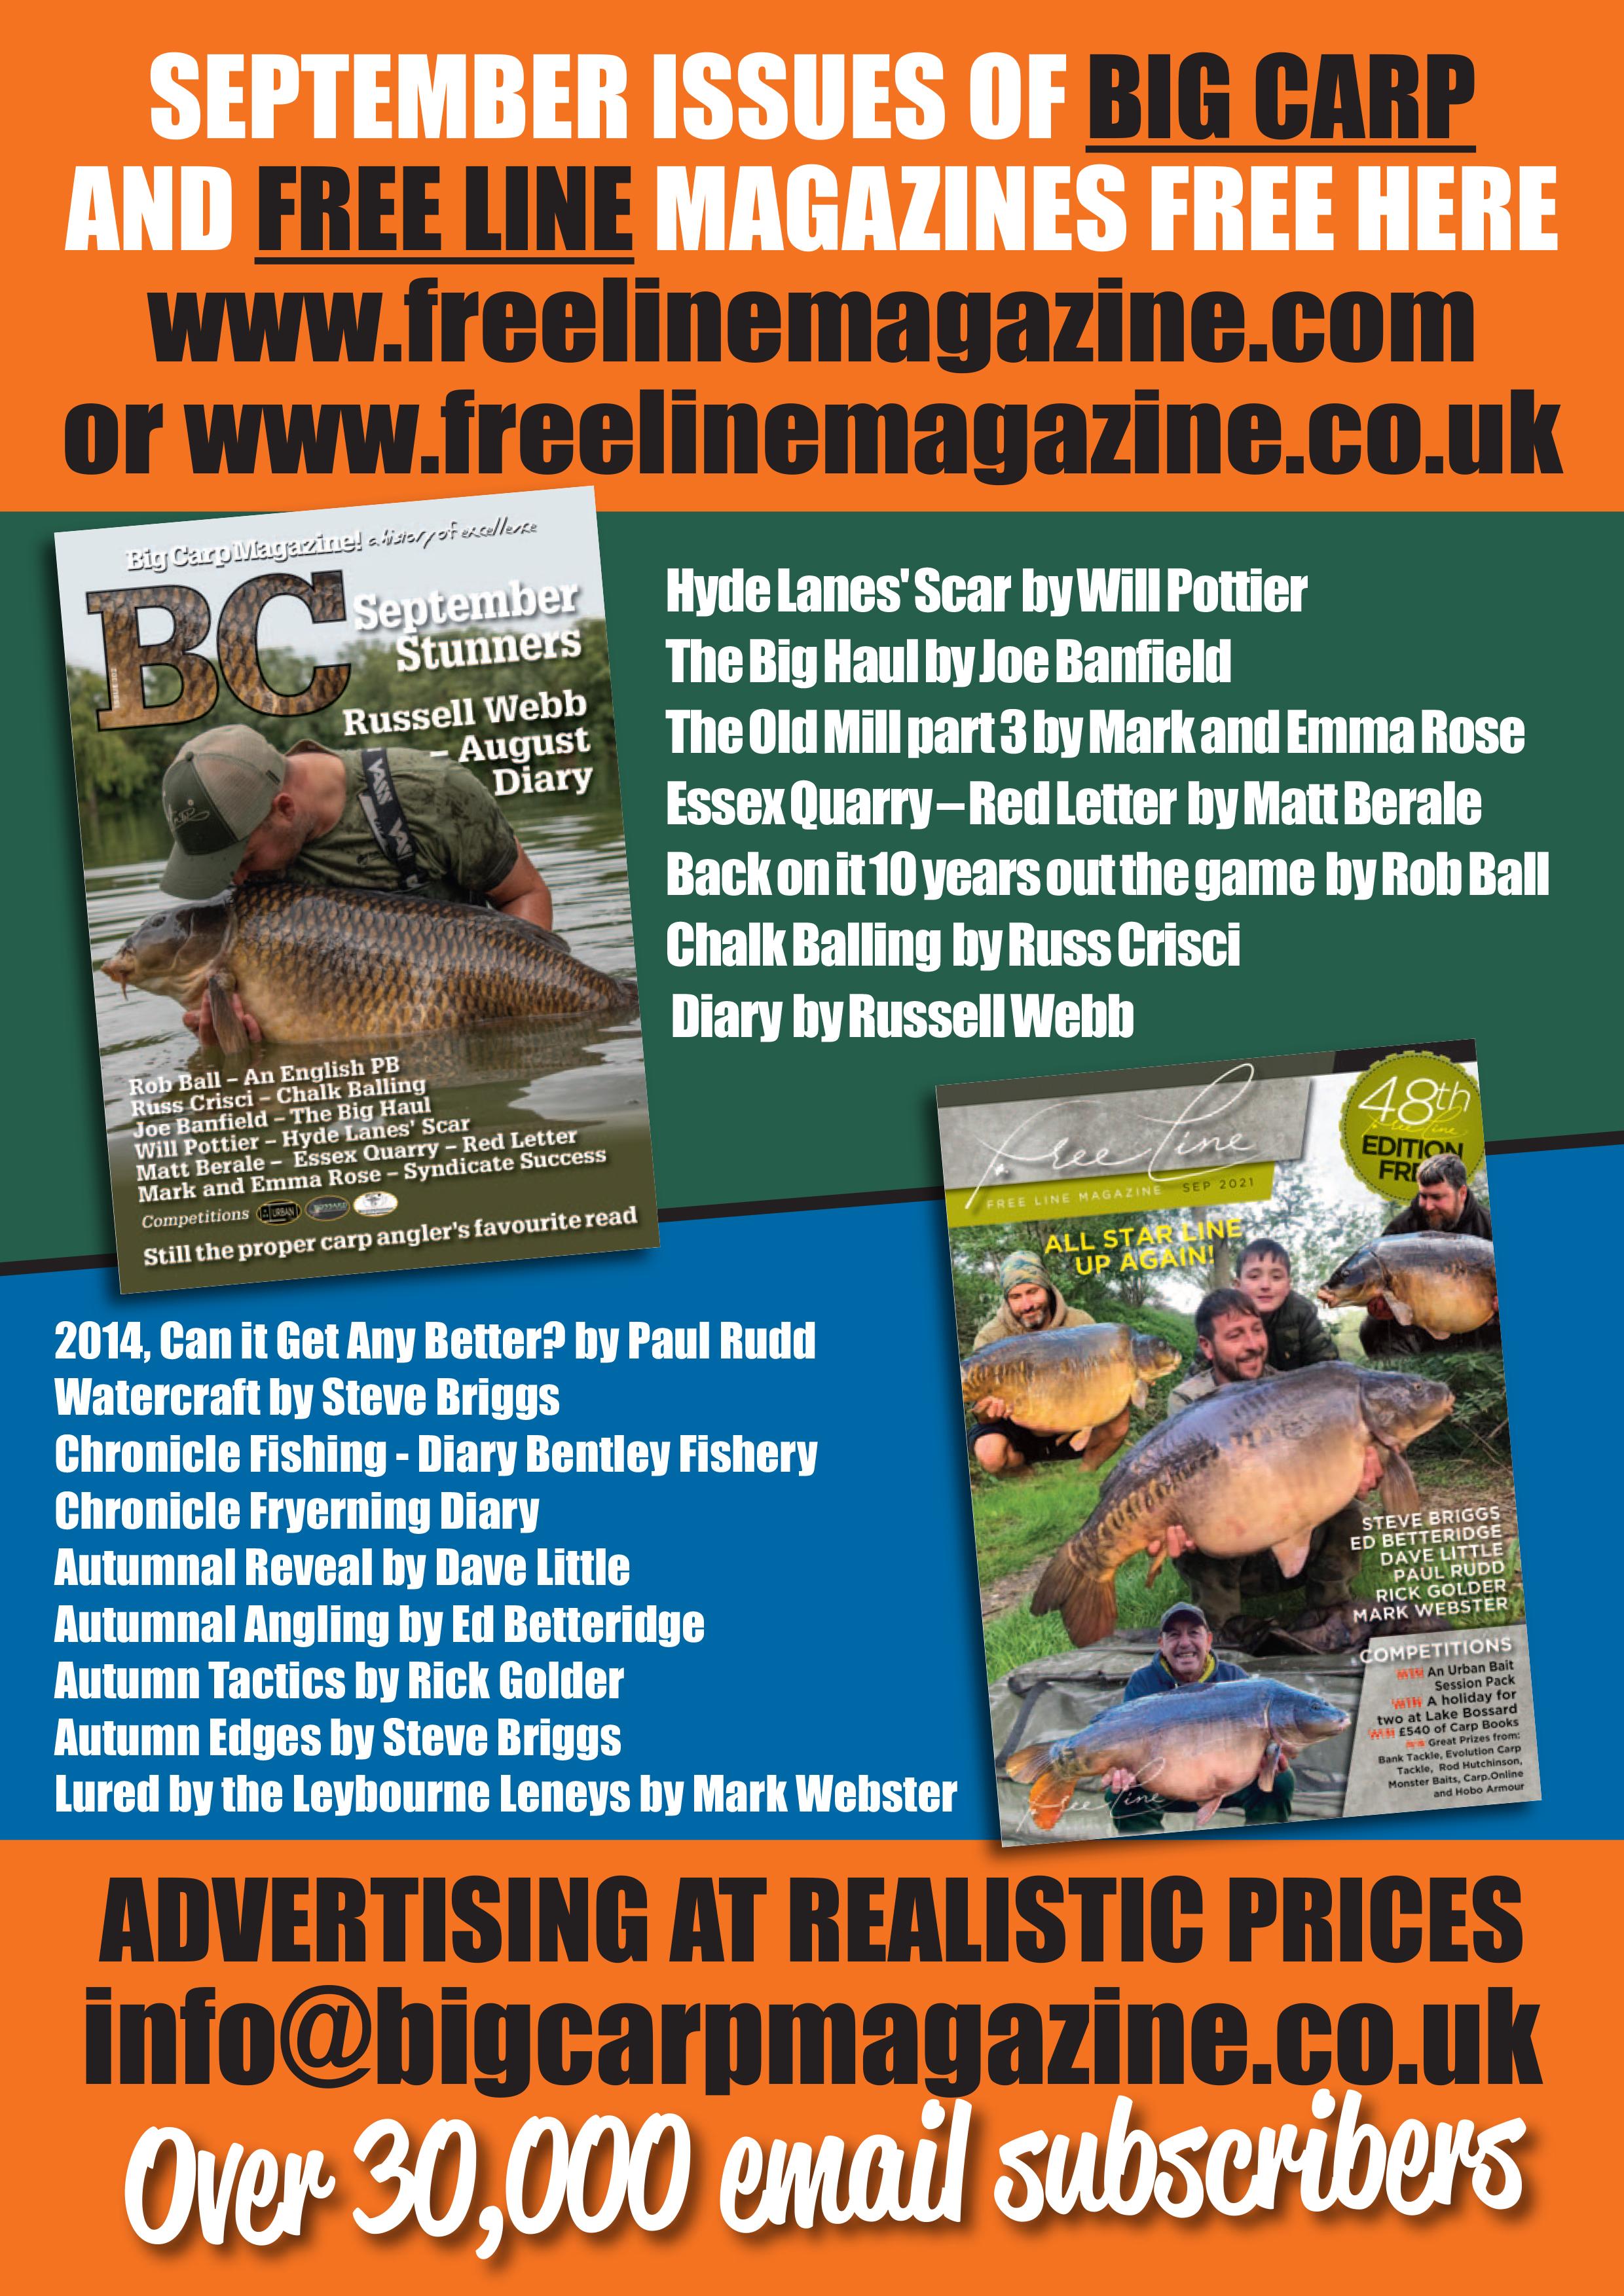 Freeline September 2021 cover image